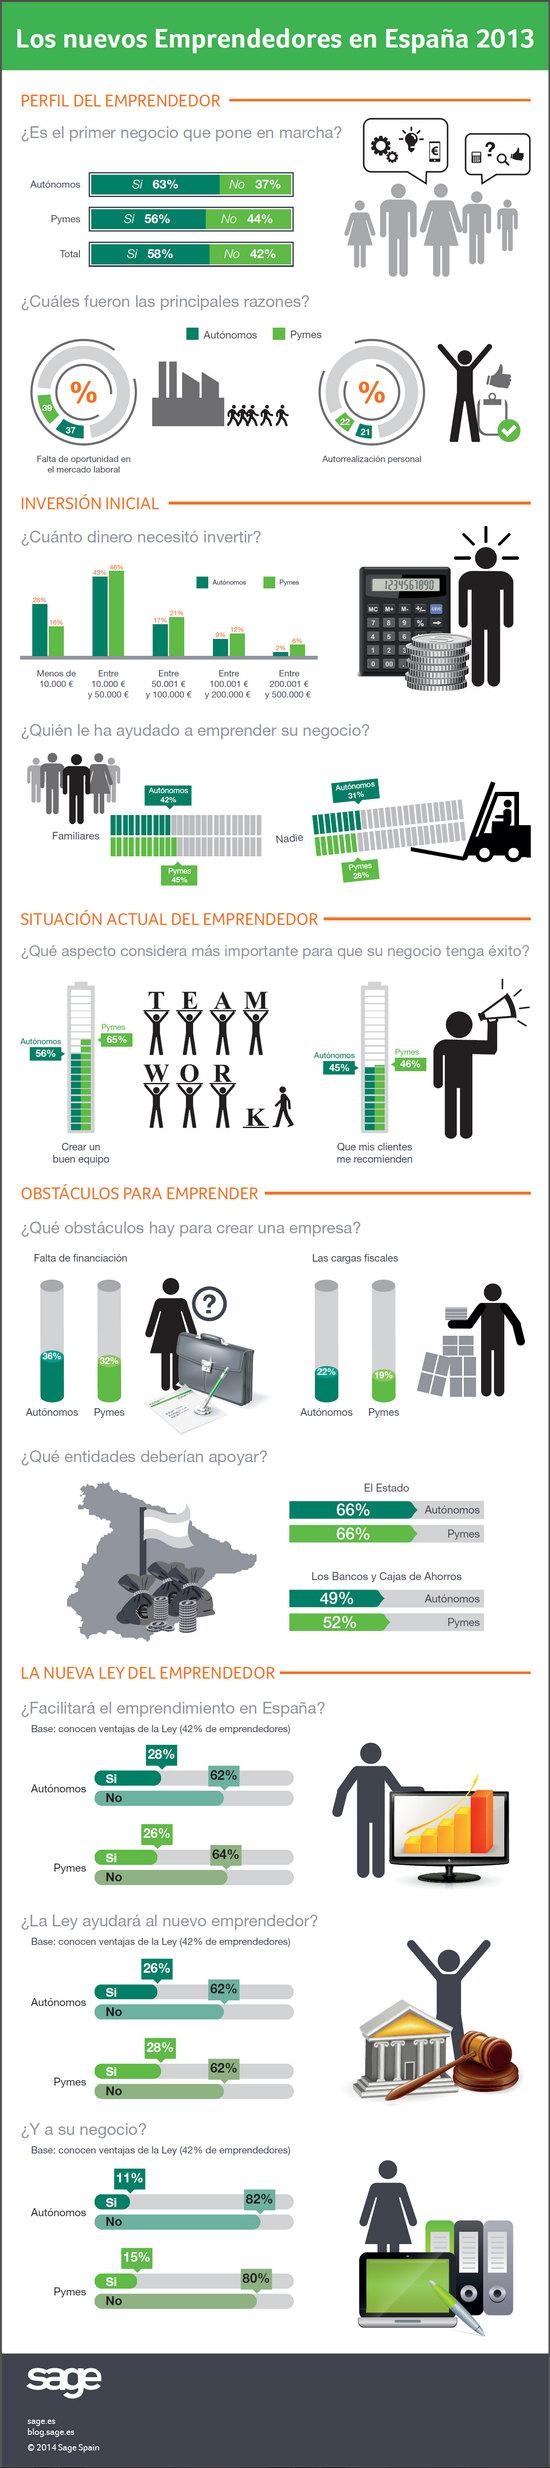 Infografia Los nuevos Emprendedores en España 2013 - Sage y fundación Iniciador